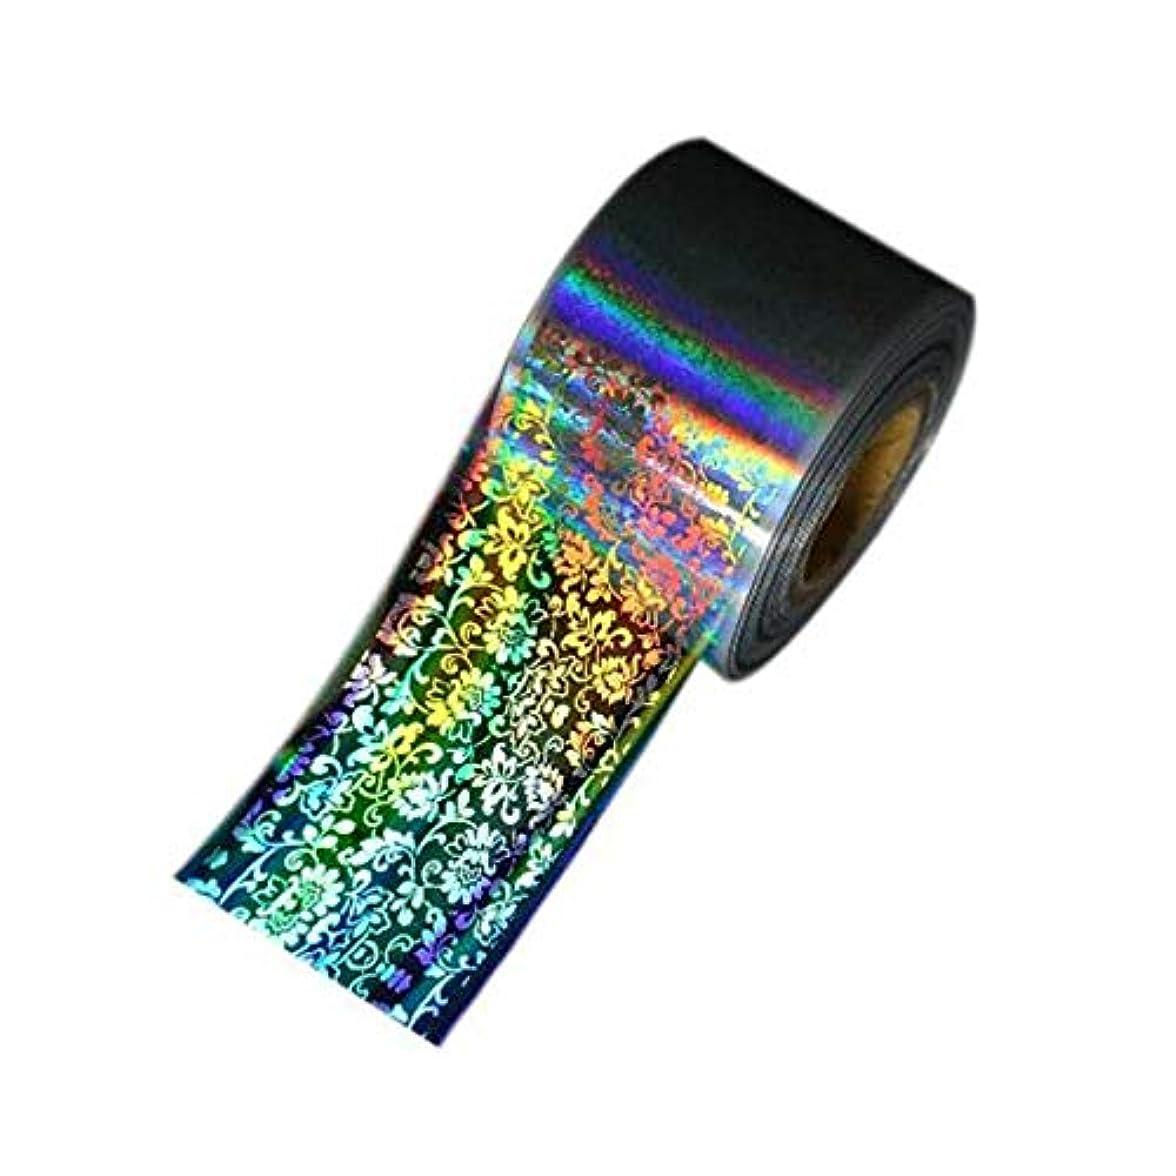 国内の勧告安心SUKTI&XIAO ネイルステッカー 1ロール4Cm * 1Mネイルホイルレーザーホログラフィックブラックフラワーネイルフィルムフルカバーネイルステッカートランスファーフォイルデカールネイル、グレー